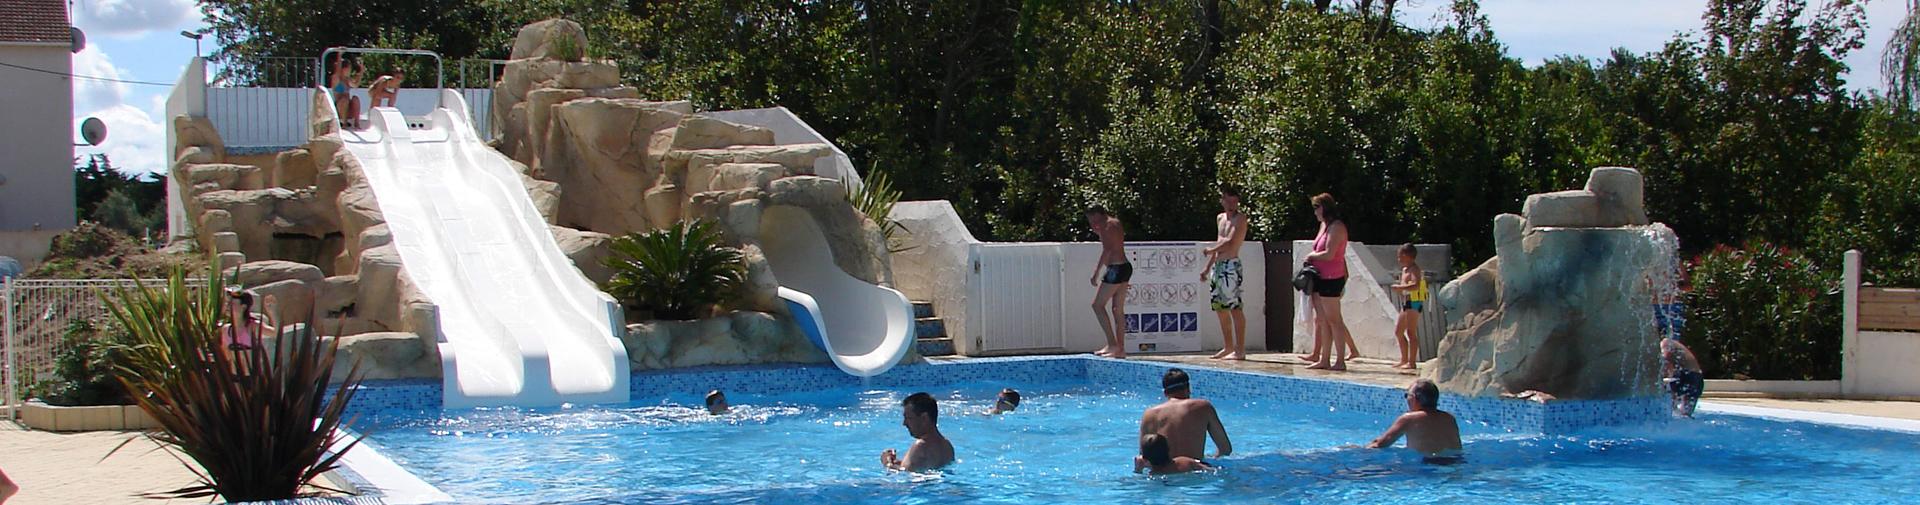 slide-loisirs-et-espace-aquatique-camping-phare-ouest-saint-denis-d-oleron